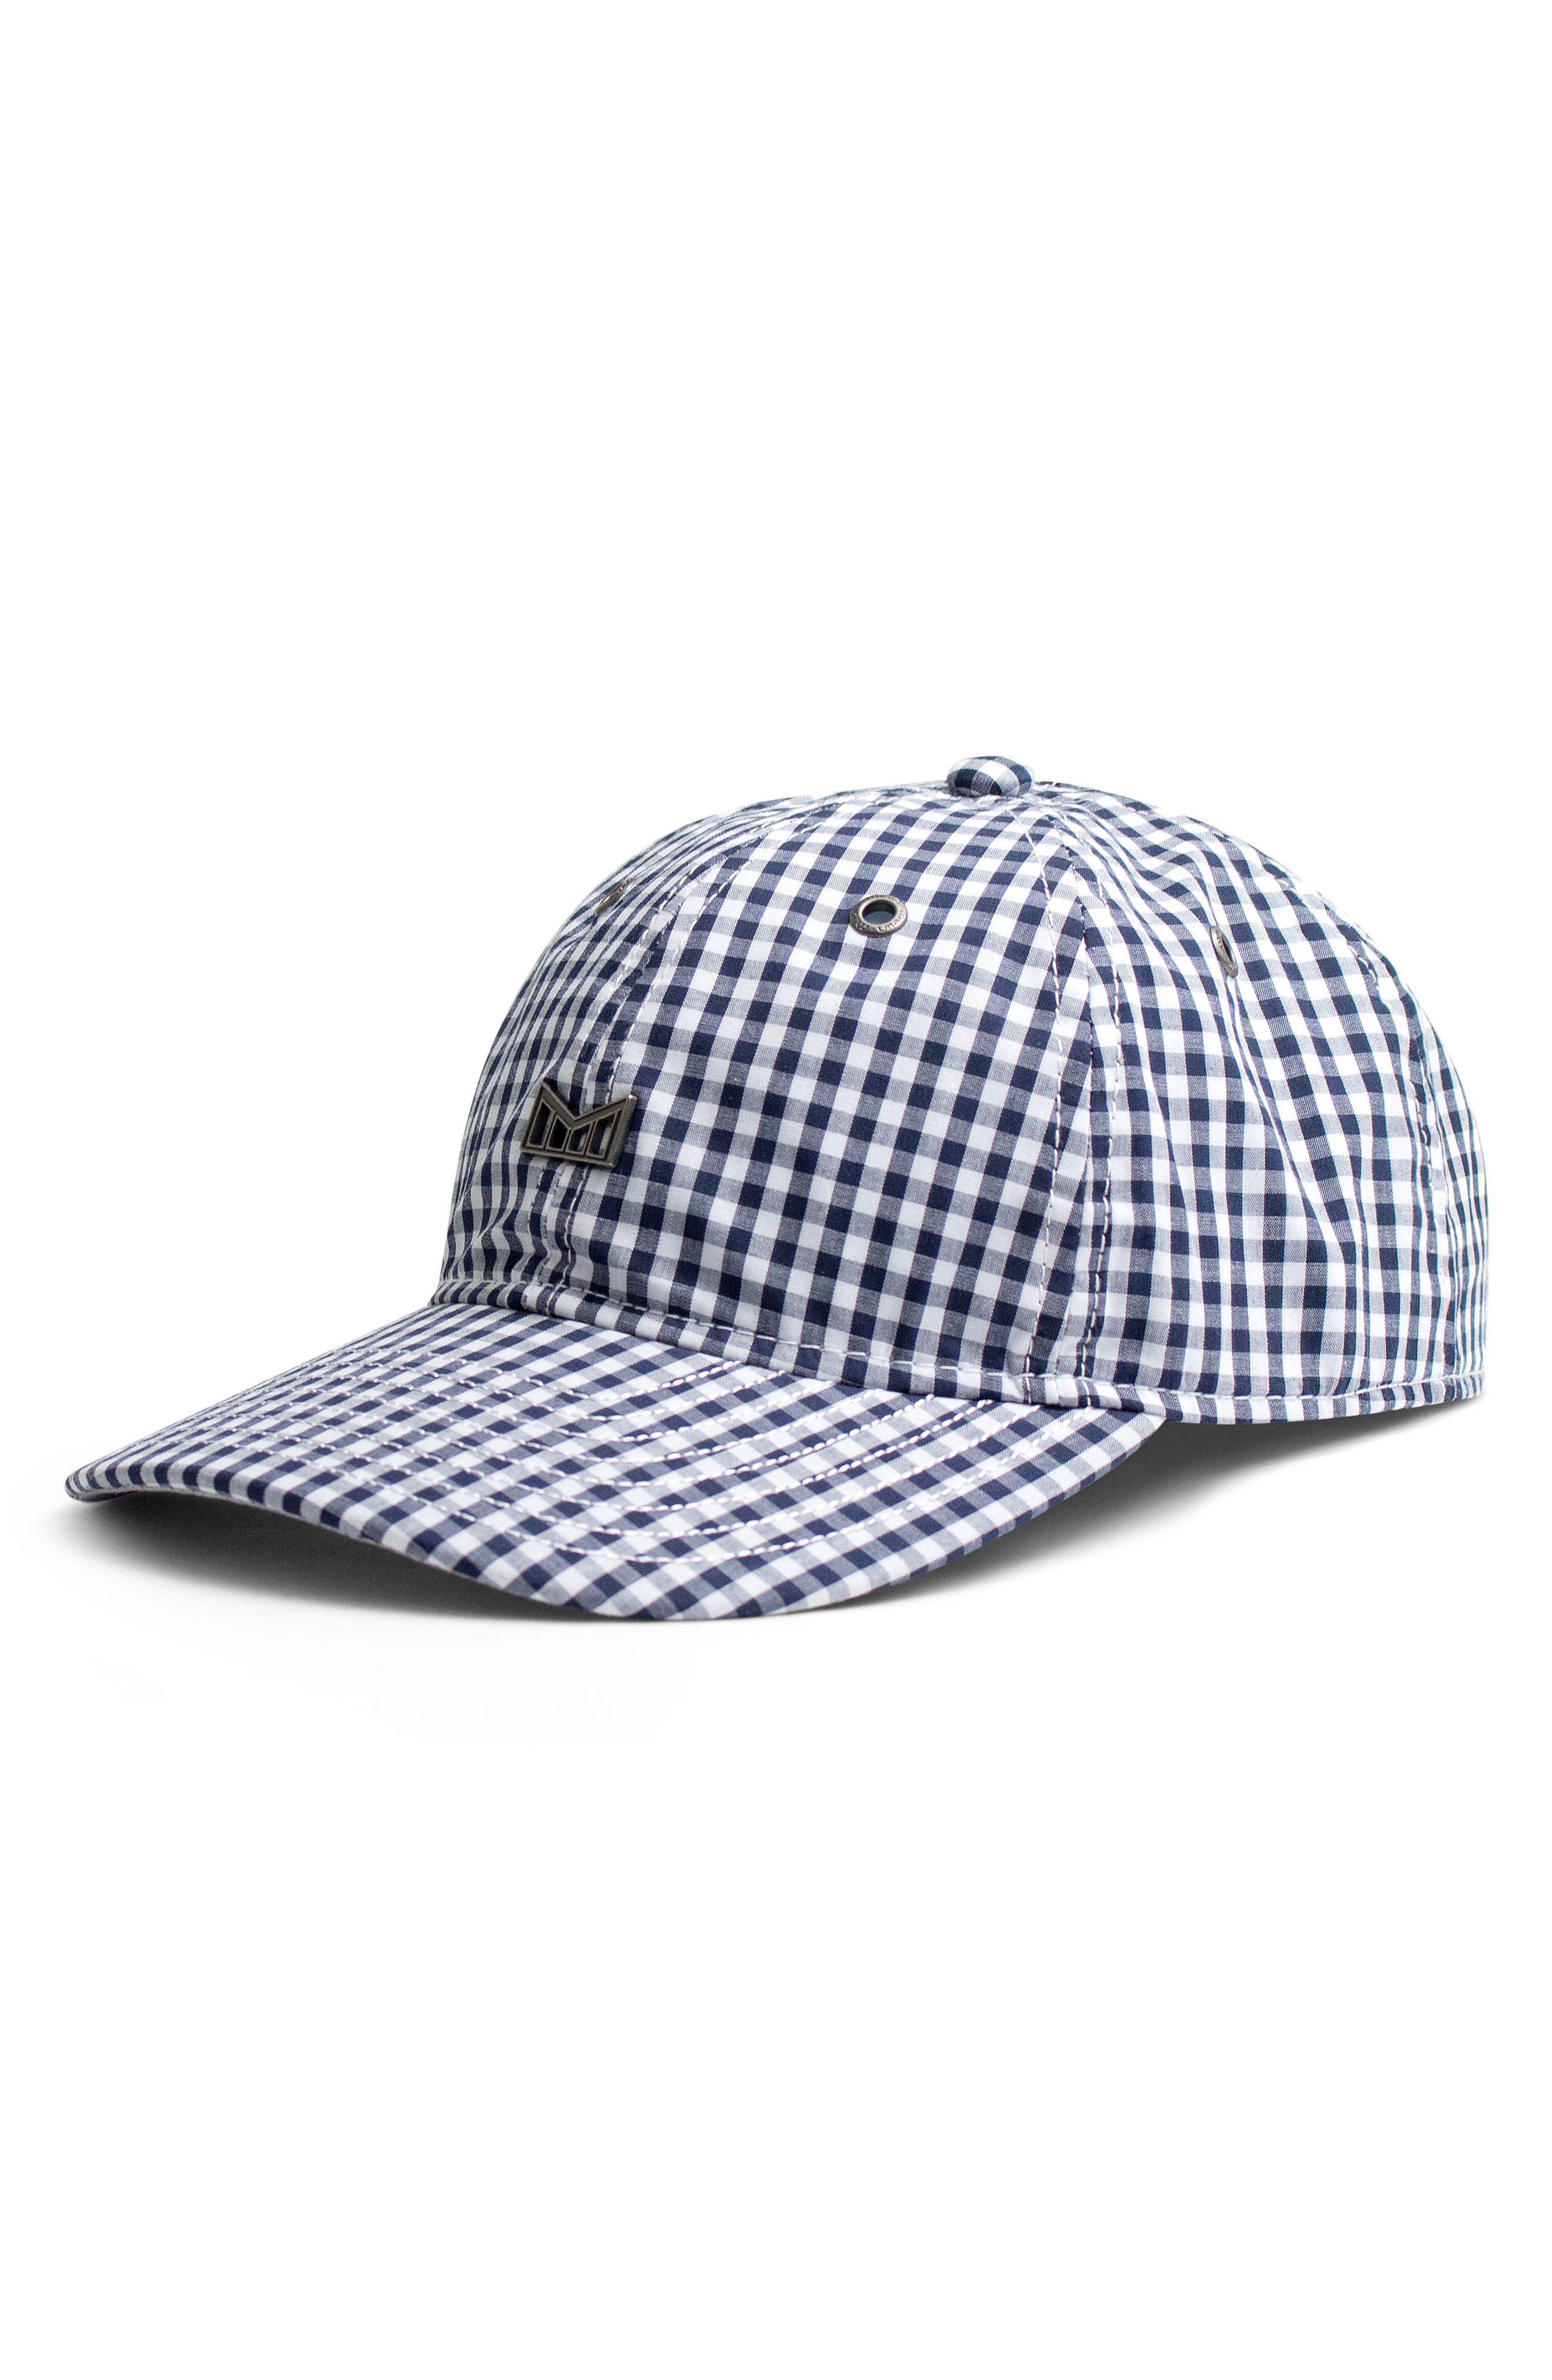 Boathouse Snapback Baseball Cap,                         Main,                         color,